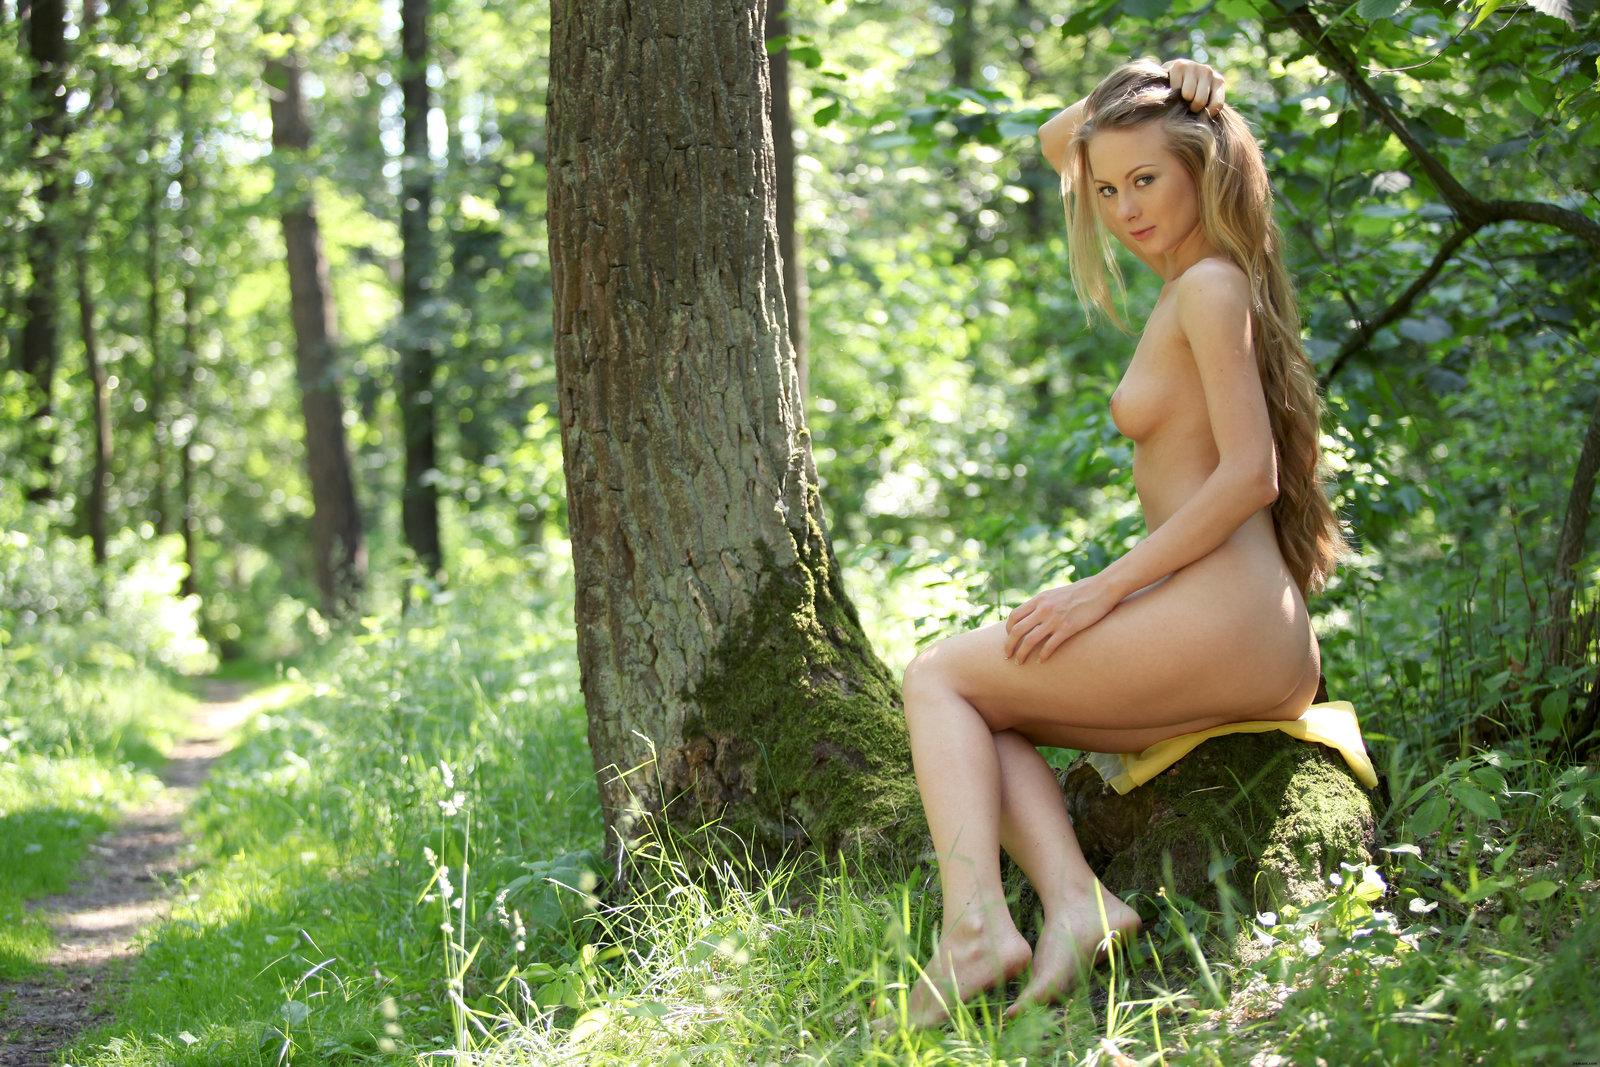 Zdjęcie porno - 038 - Blond suczka w lesie